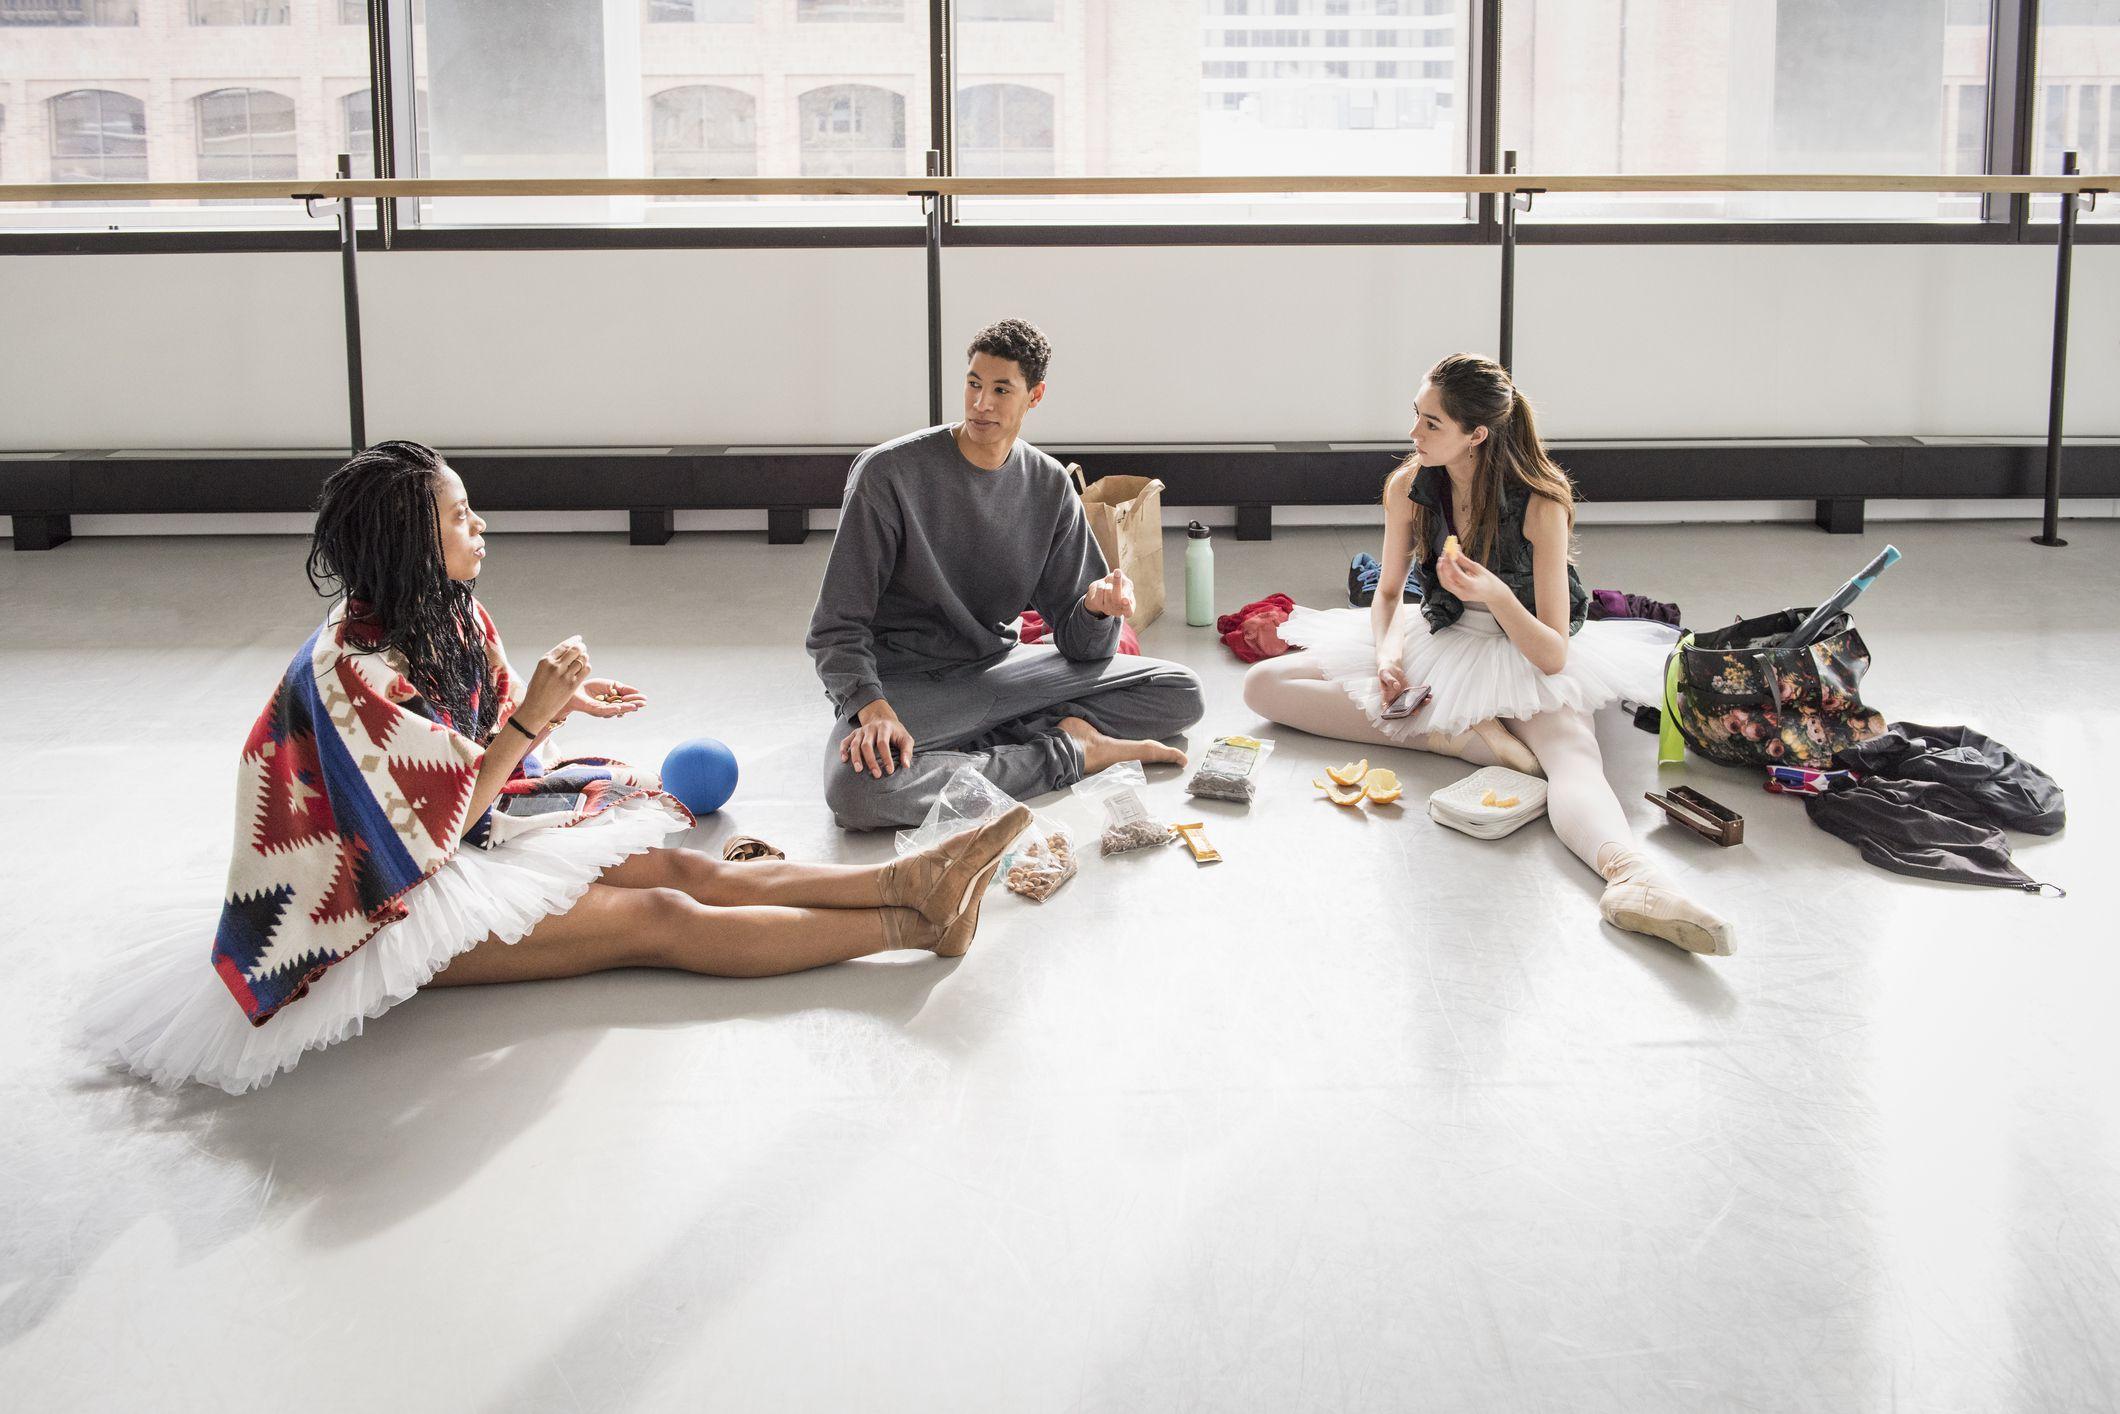 dansers en voeding levensstijl bewust